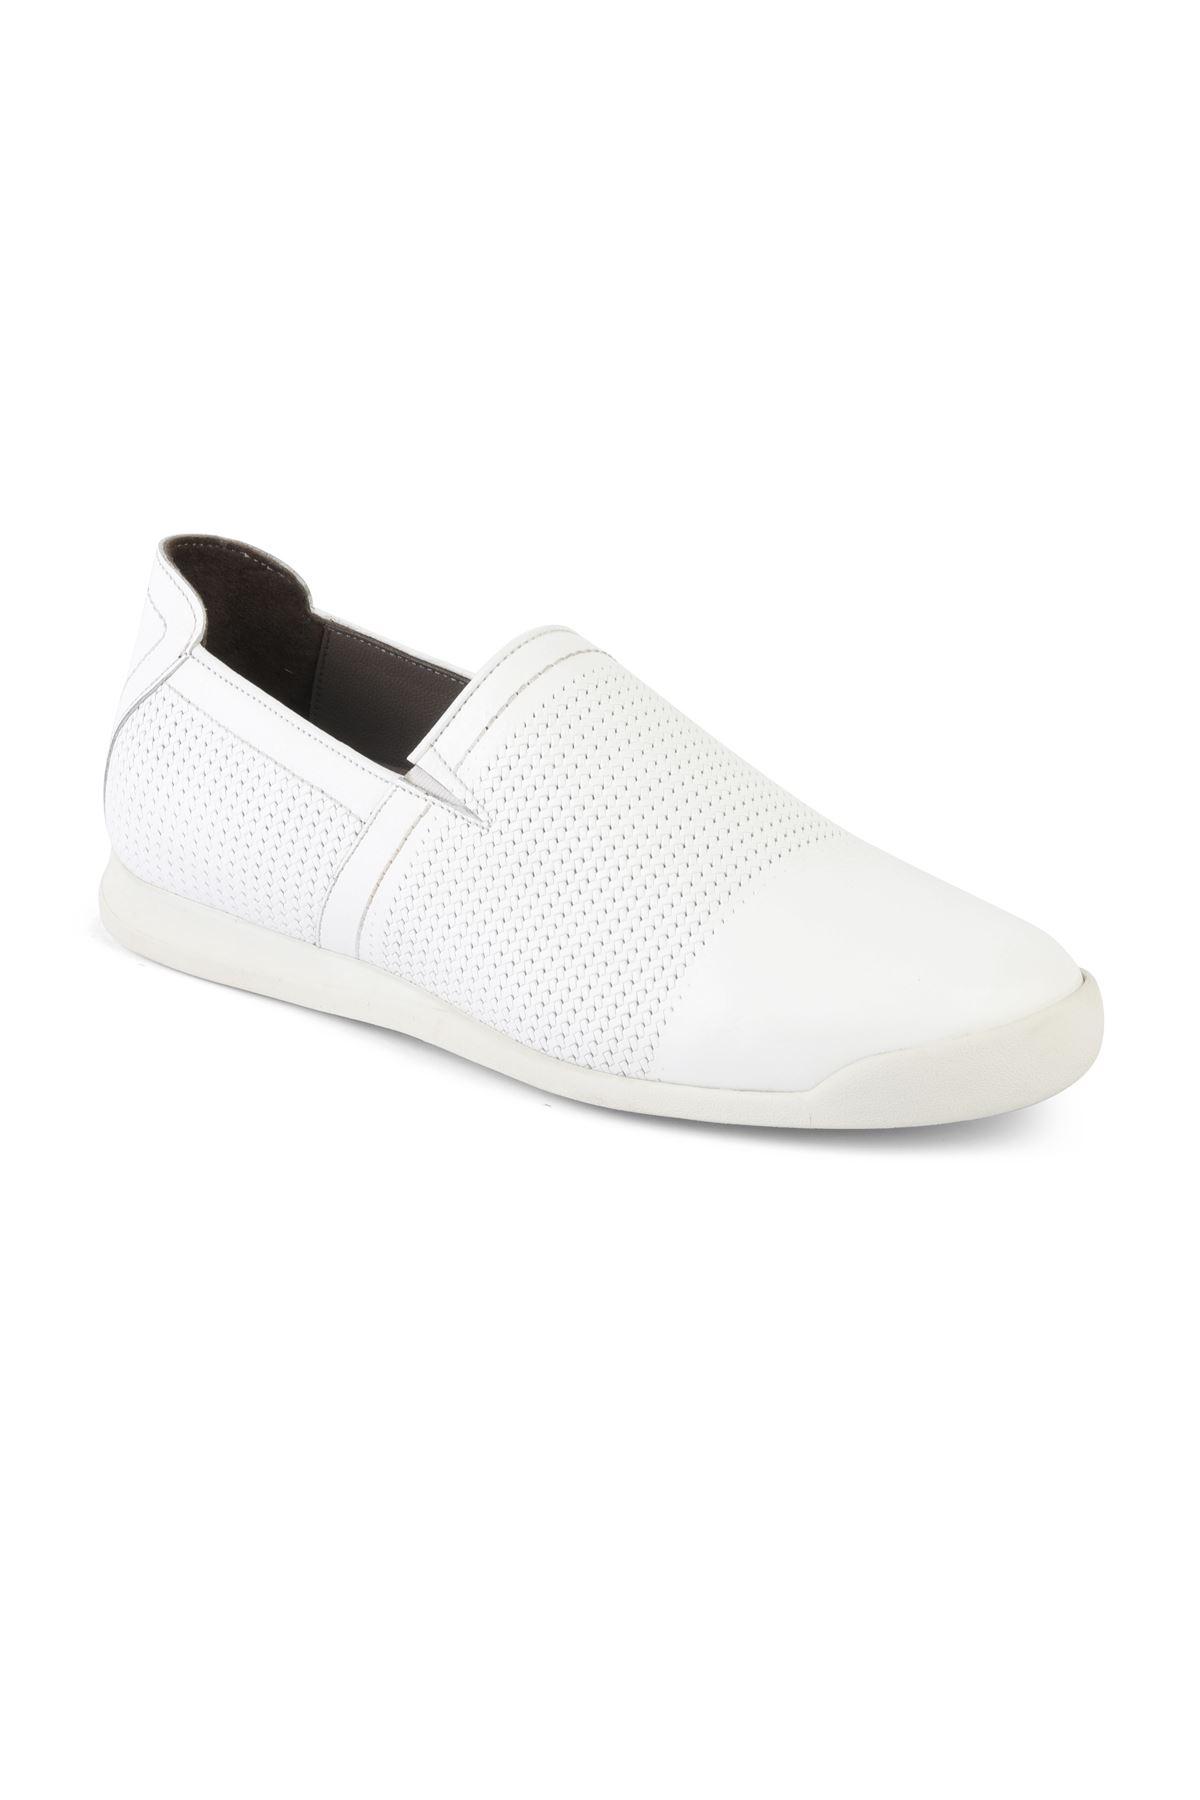 Libero T1108 White Casual Shoes